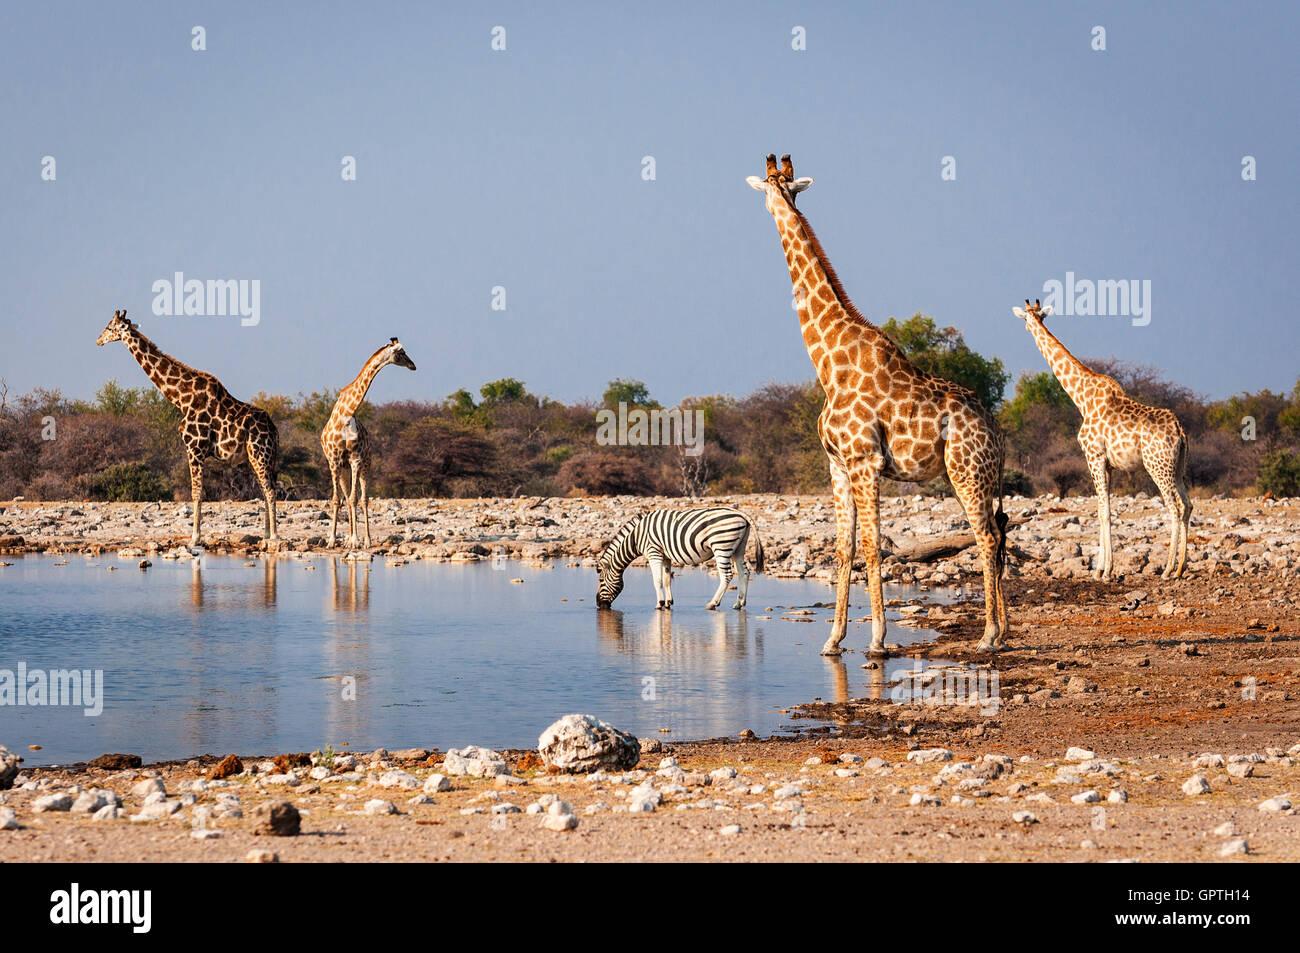 Gruppe von wilden Tieren in der Nähe einer Wasserstelle im Etosha Nationalpark in Namibia; Konzept für Stockbild